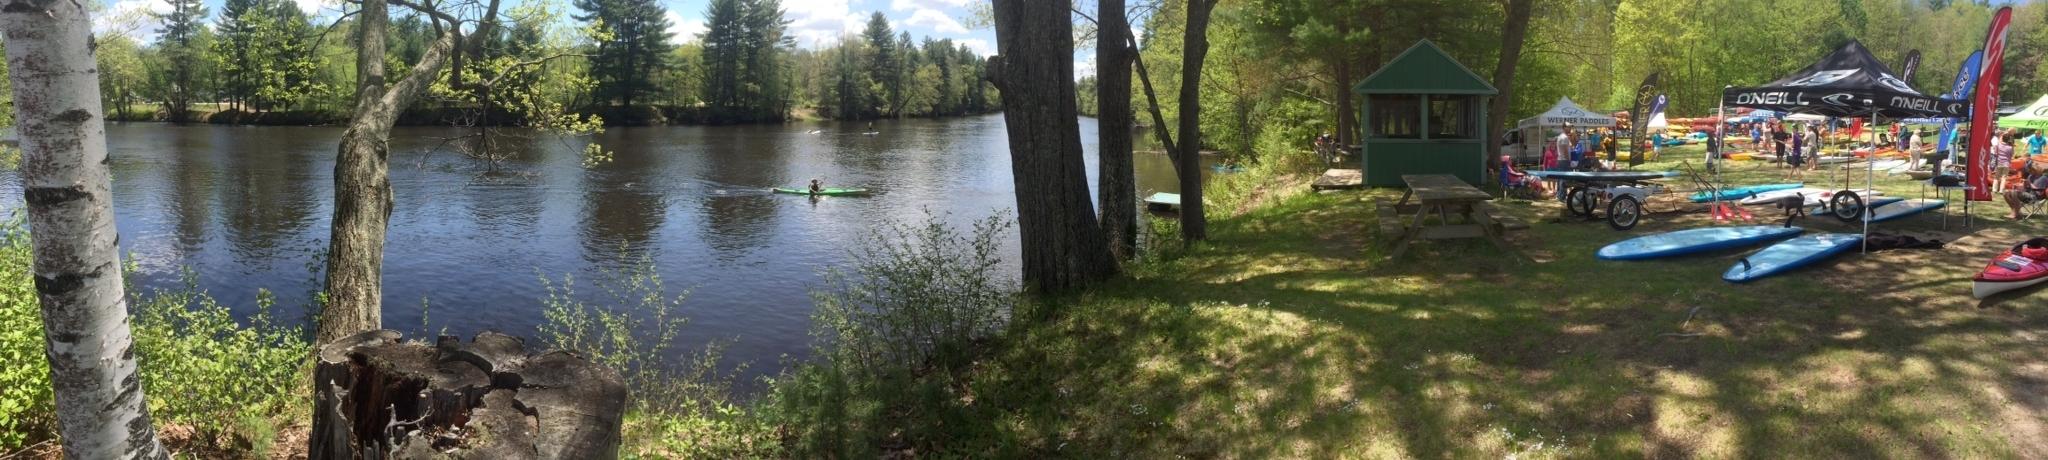 Contoocook River Canoe Company